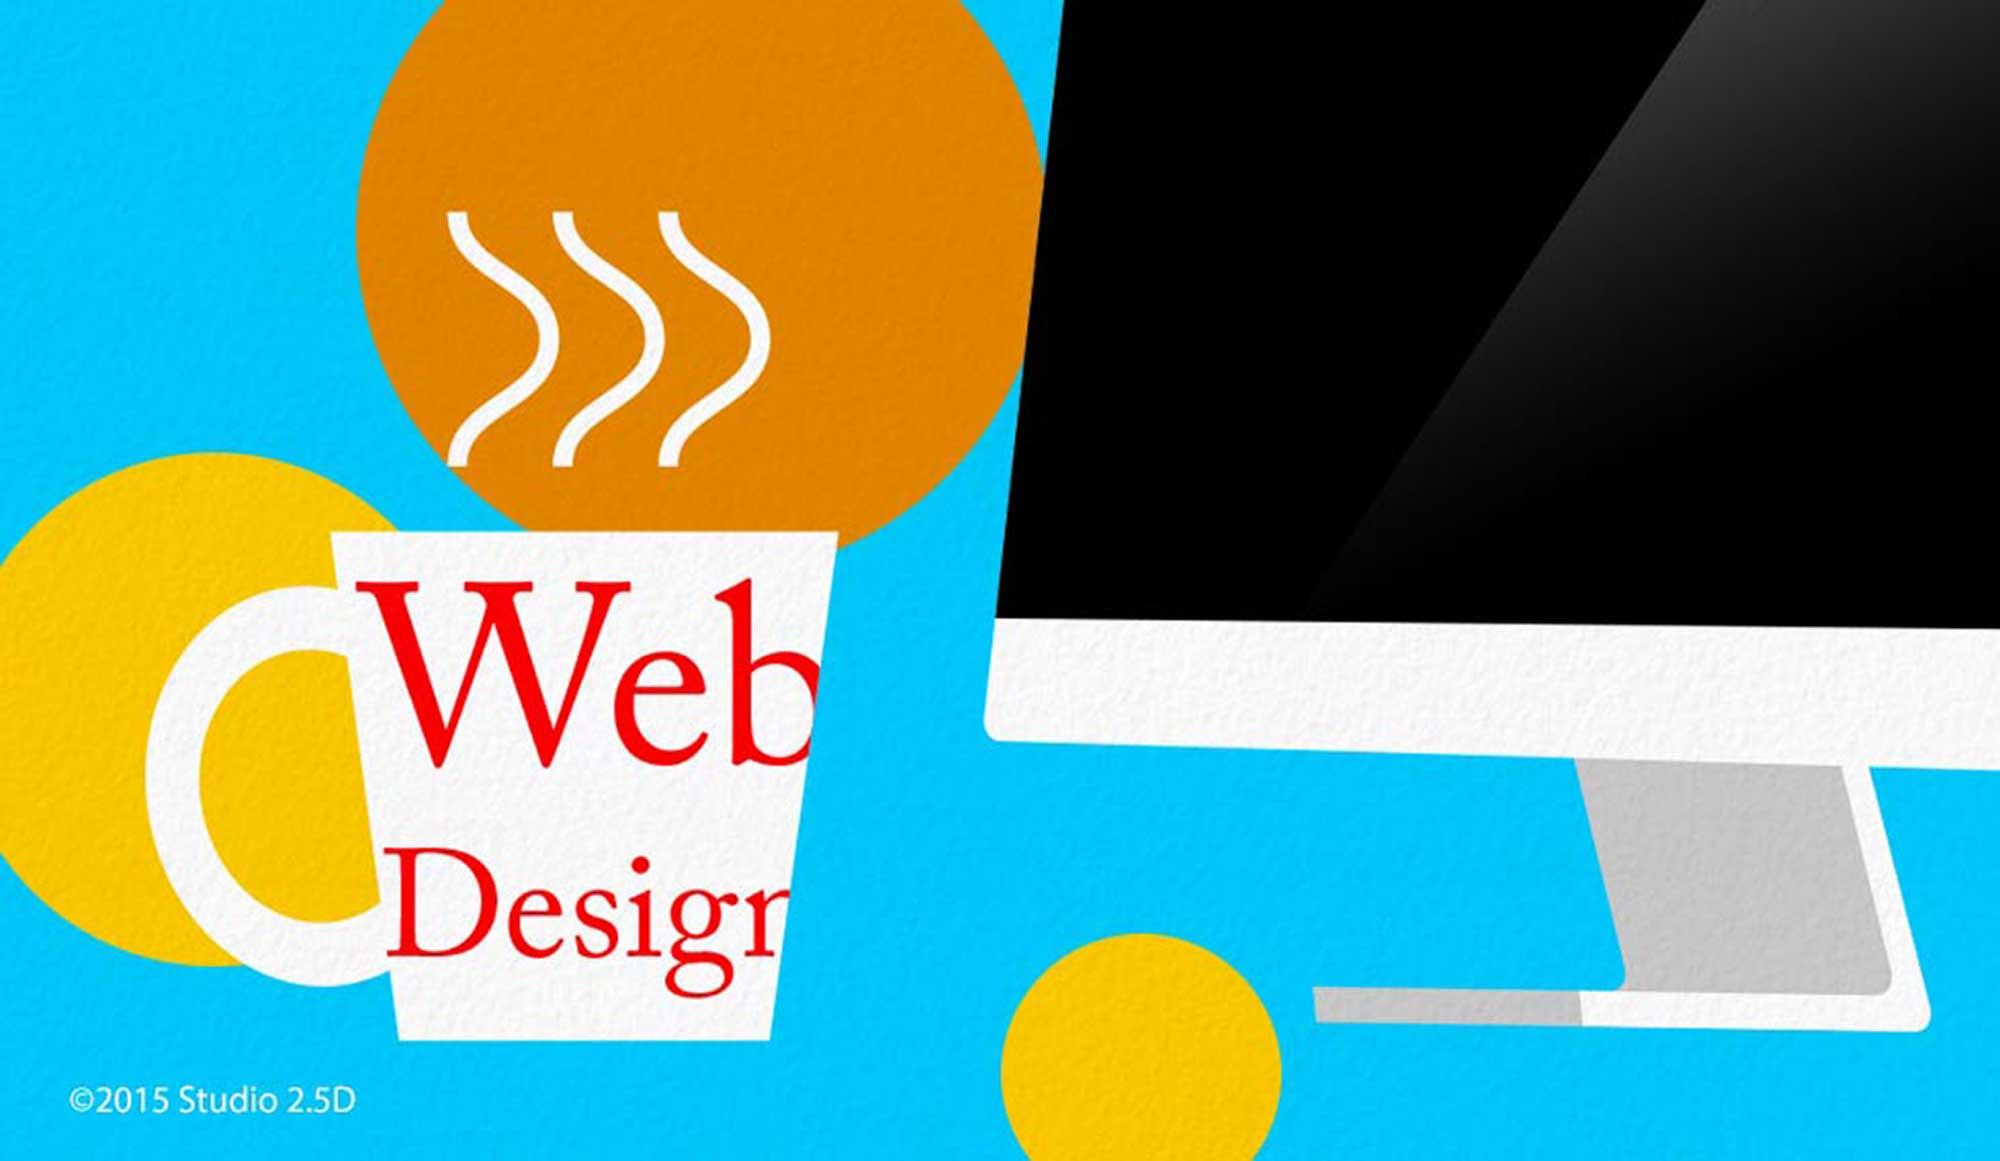 网页设计公司,品牌顾问,推荐,Web Design,费用,收费,报价